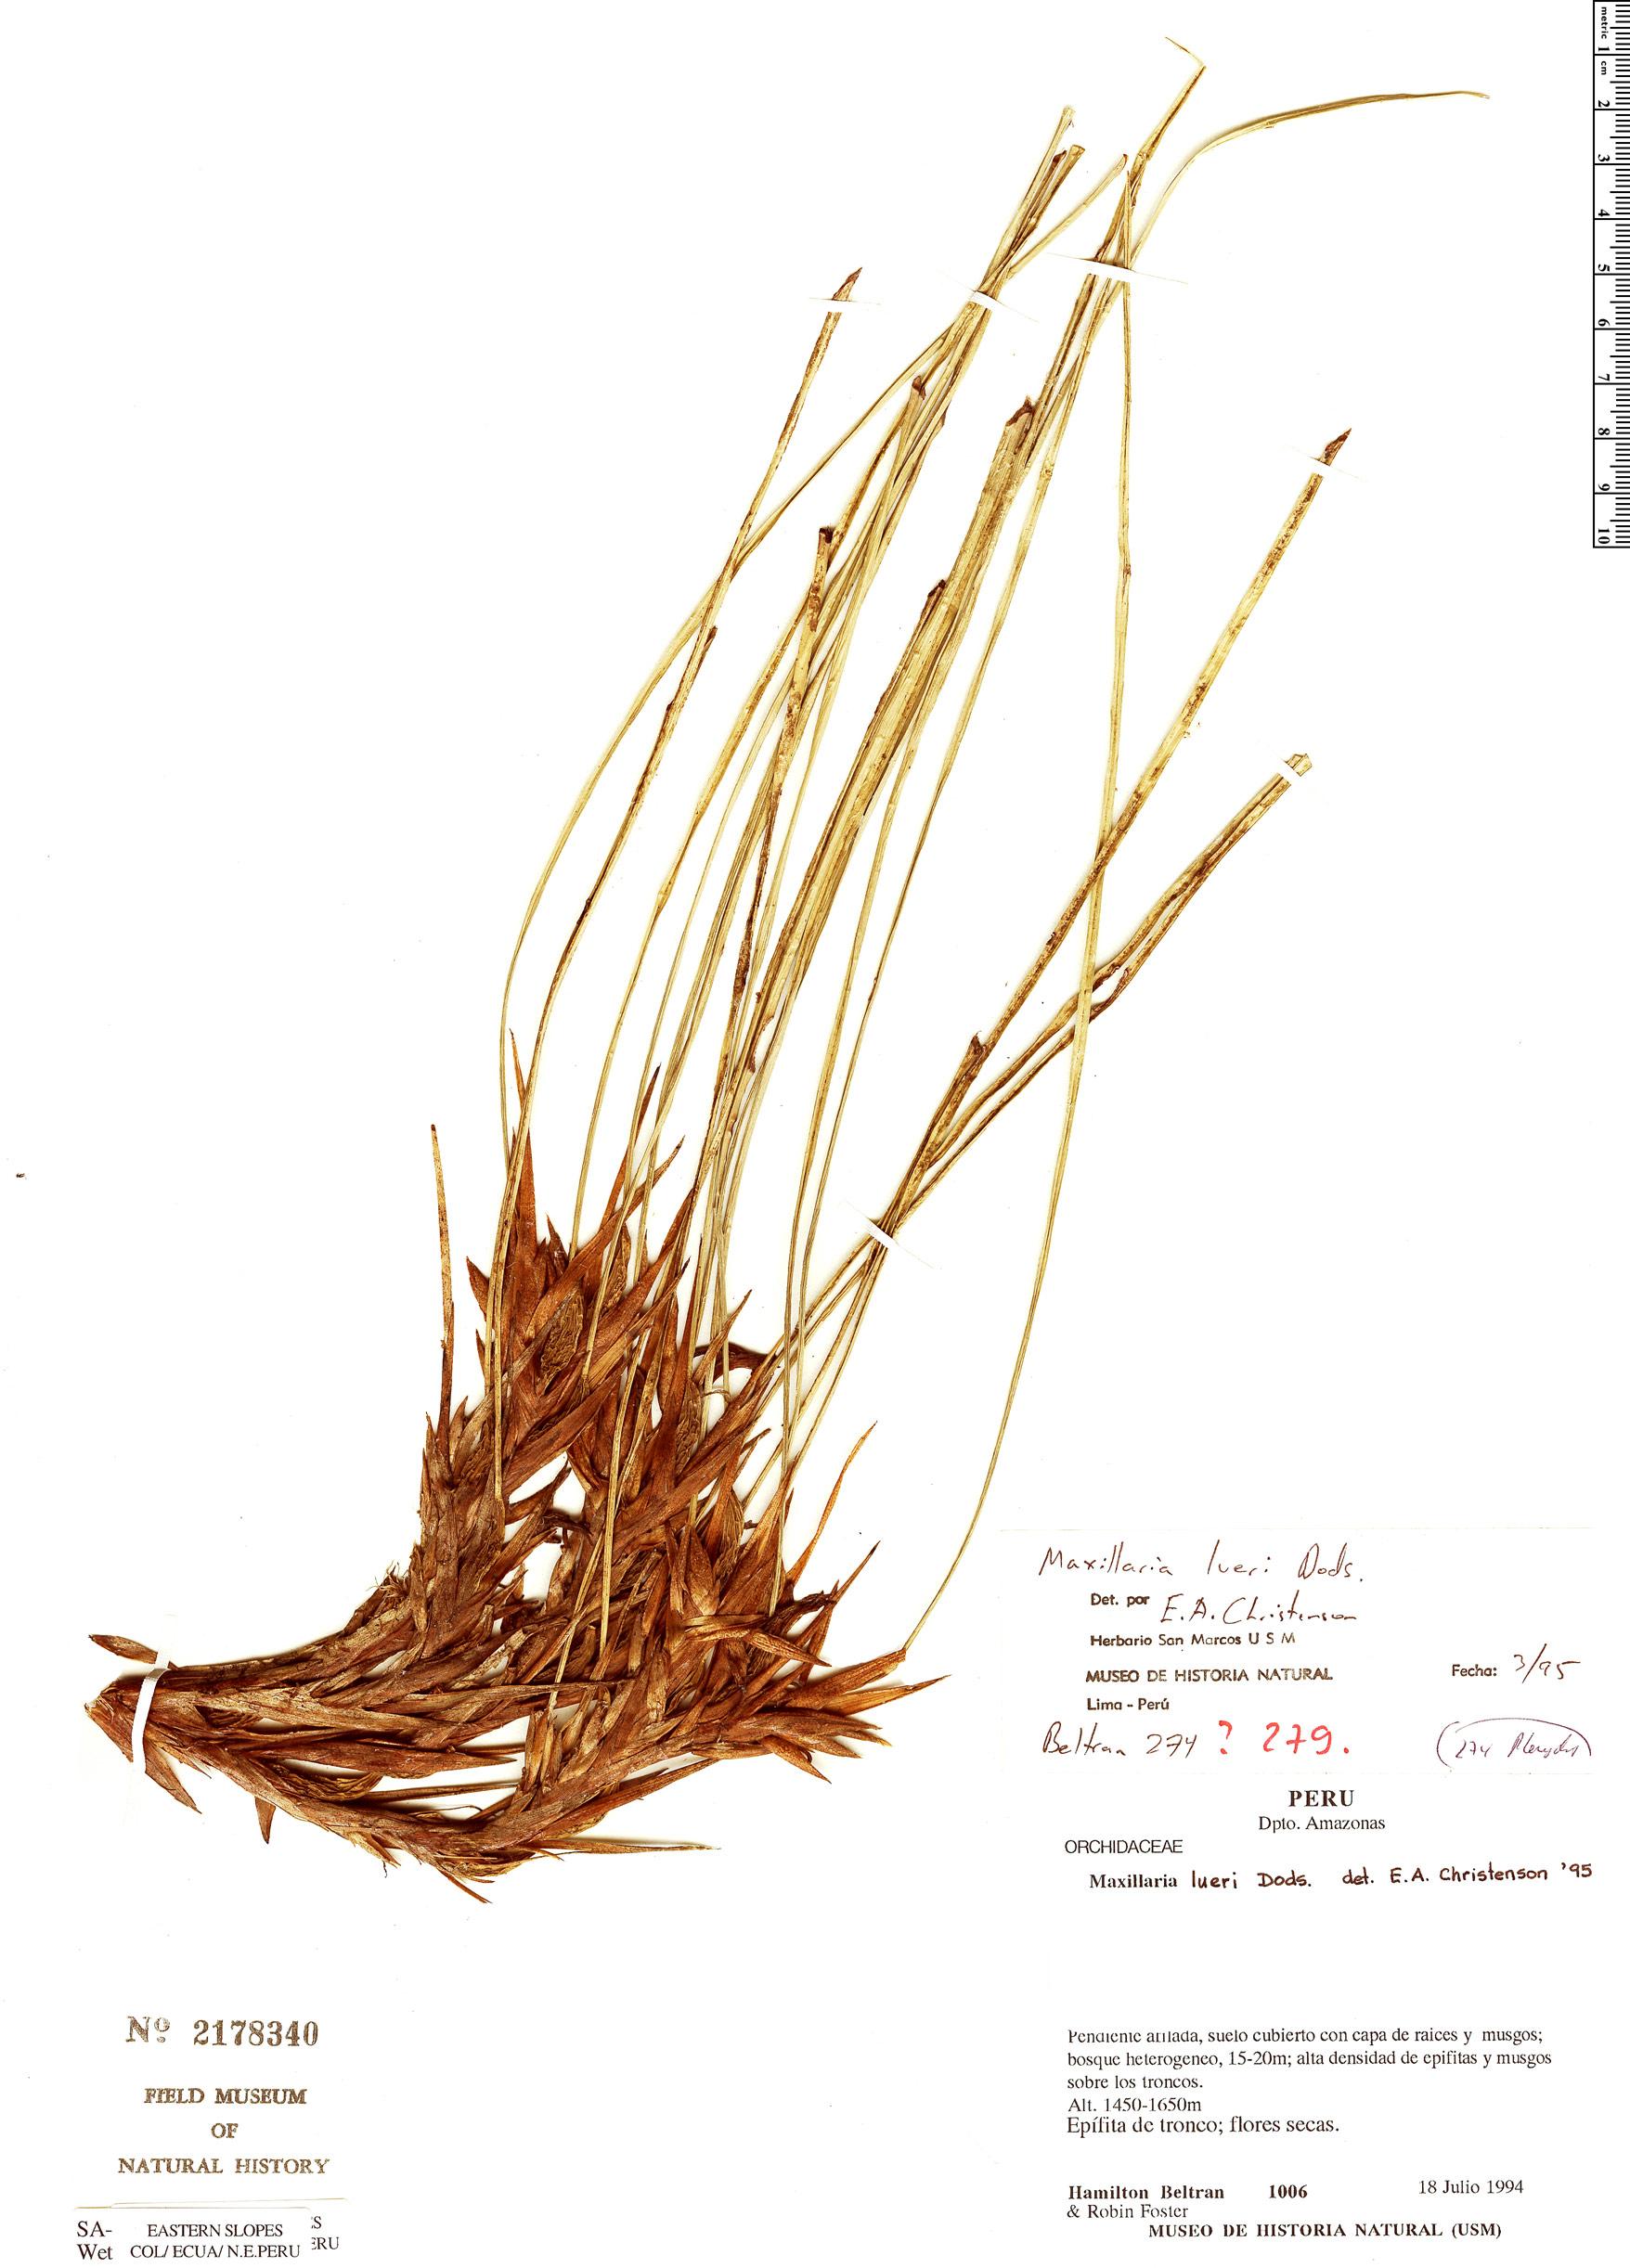 Specimen: Maxillaria lueri